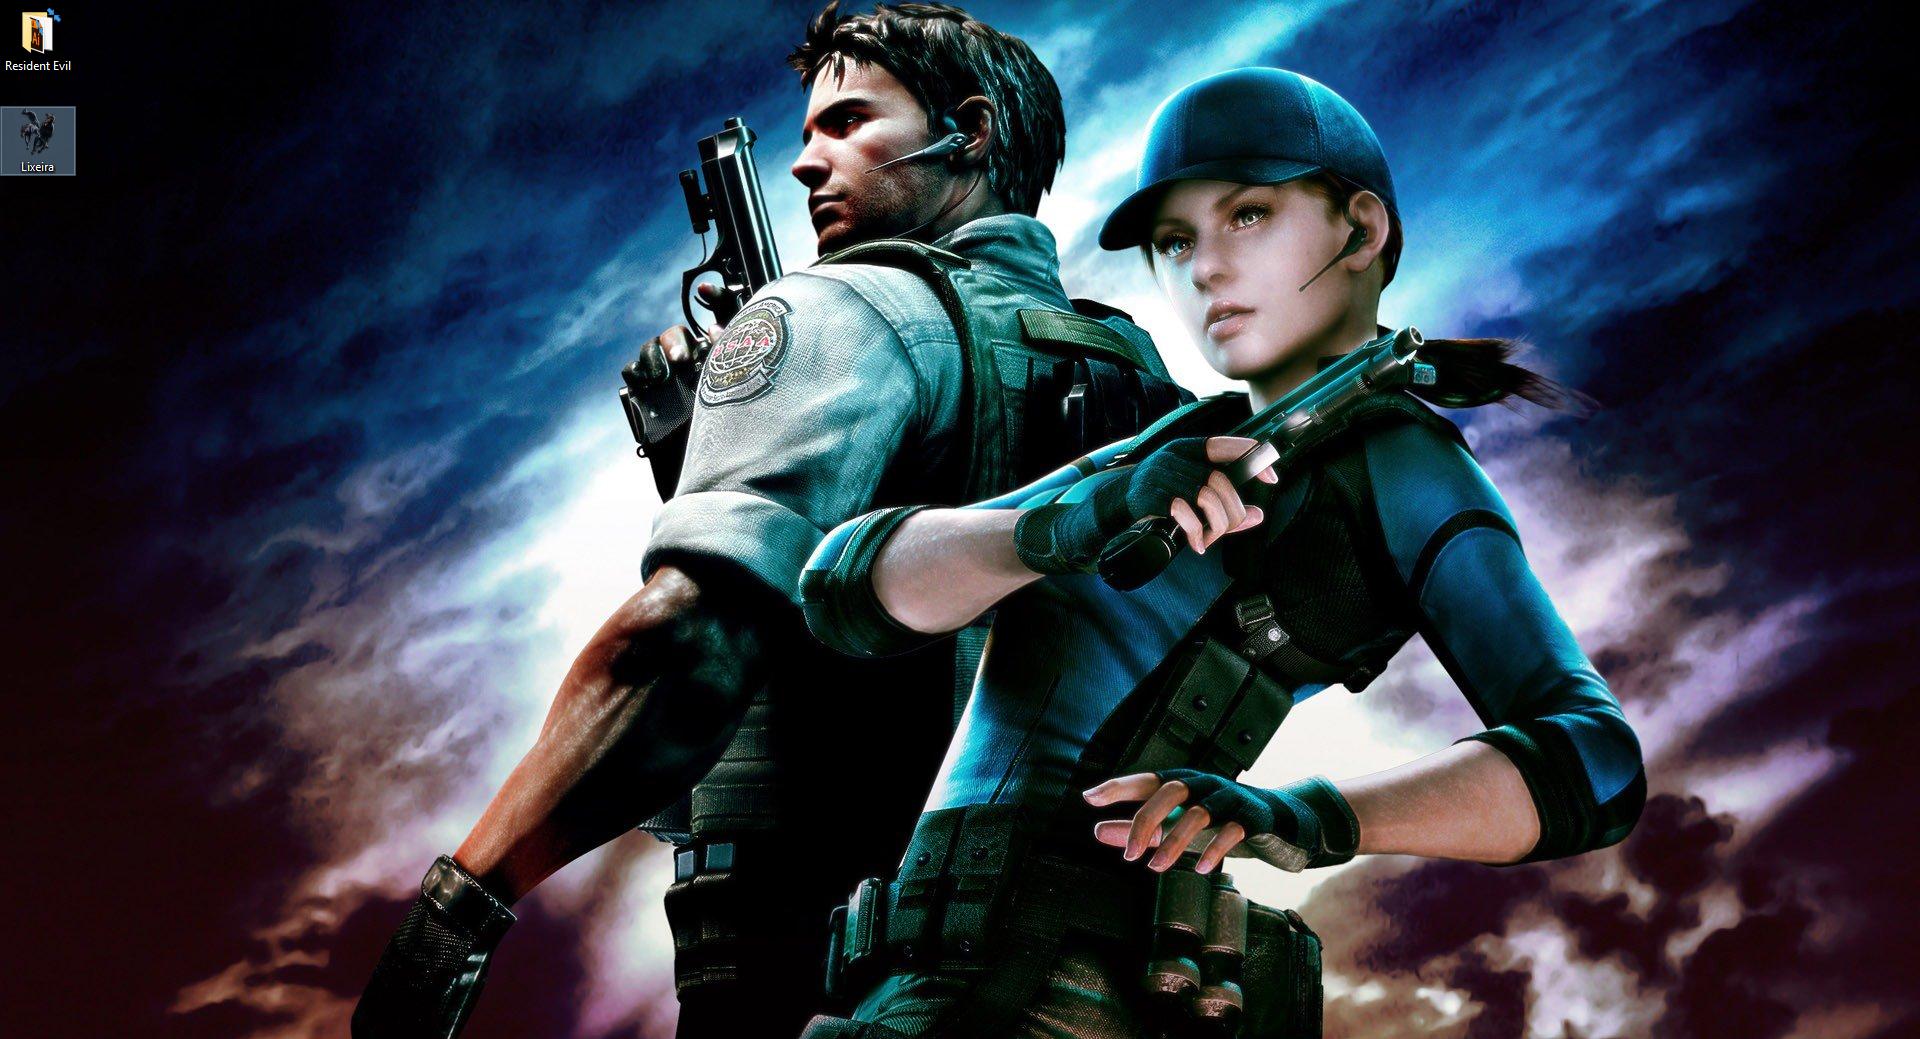 Ultimate Resident Evil Theme - Imagem 1 do software